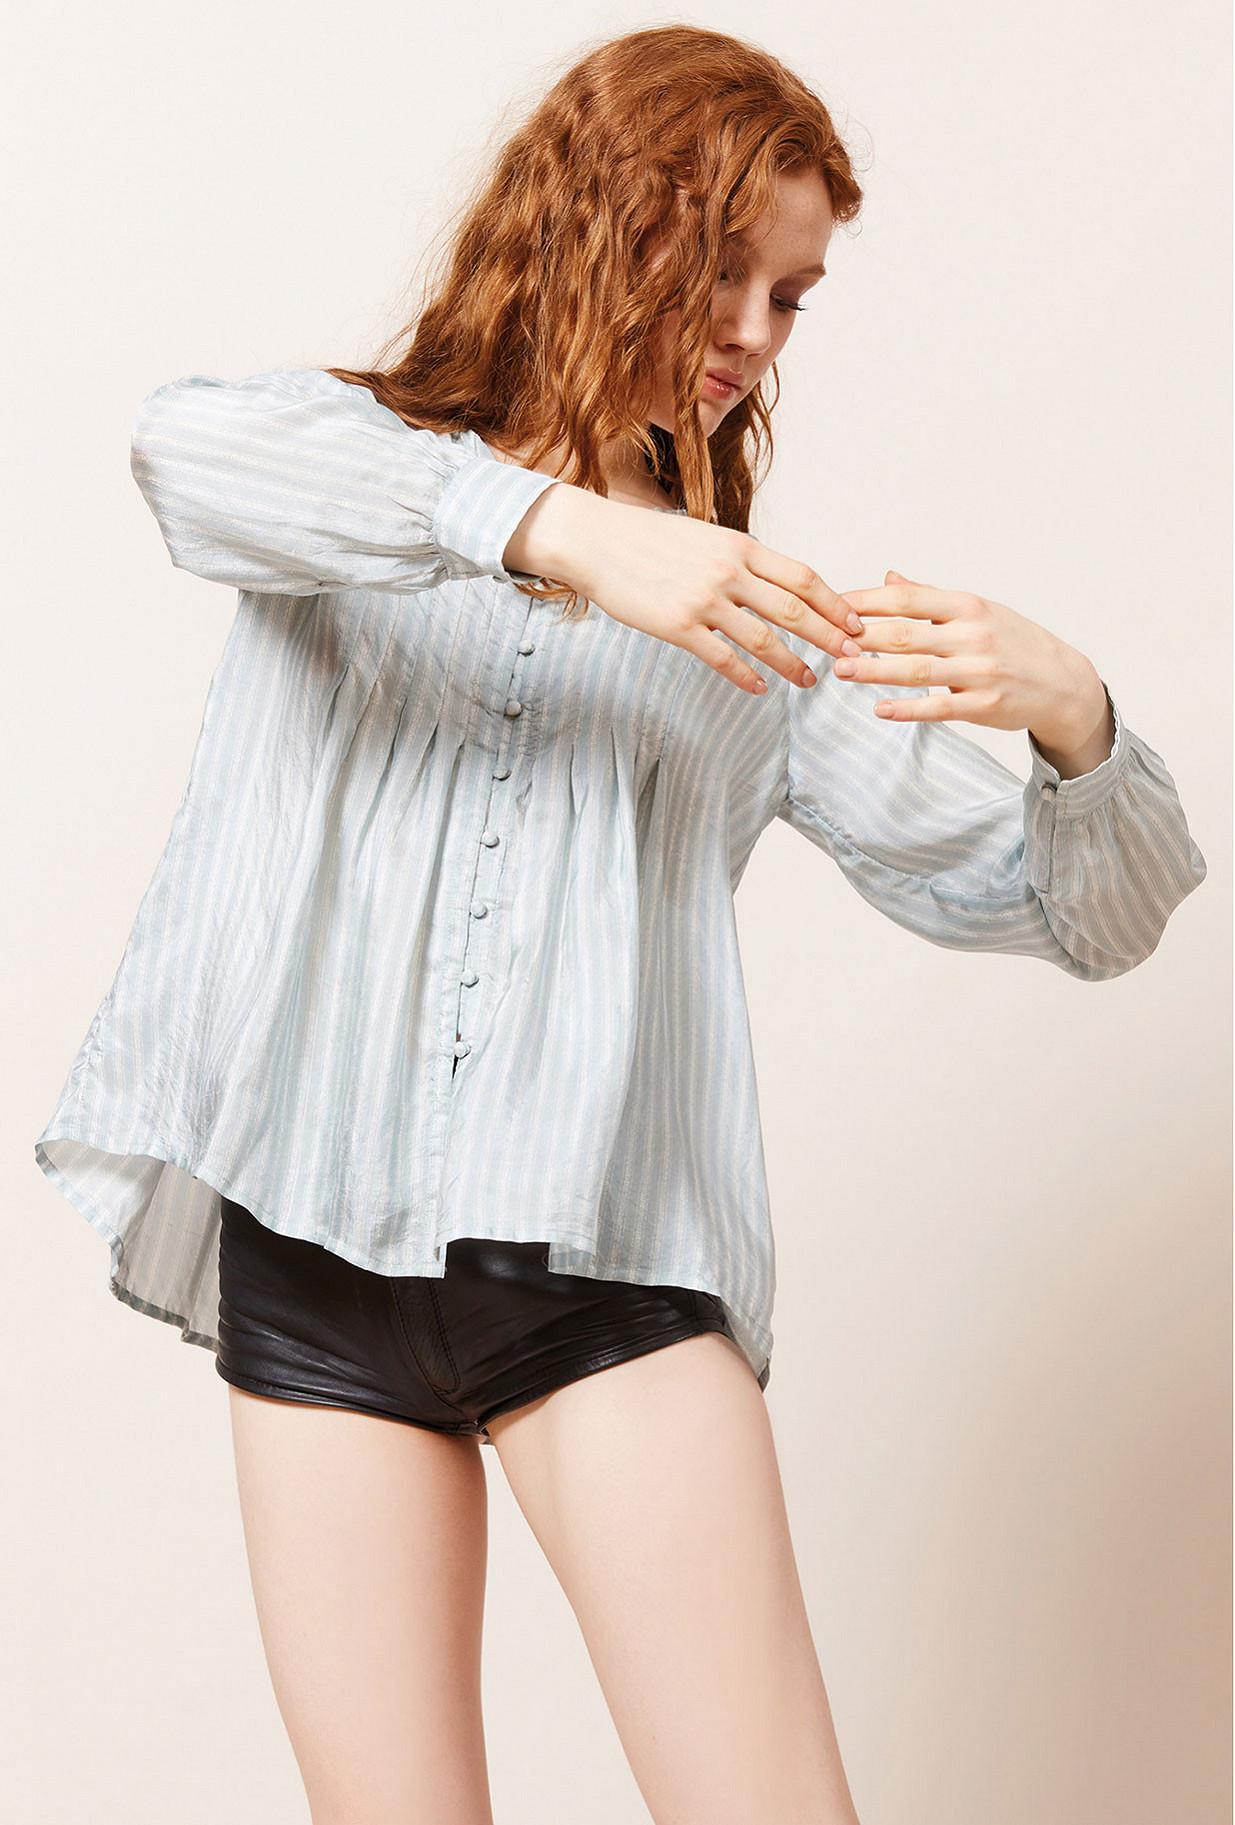 Paris boutique de mode vêtement Blouse créateur bohème Jahil